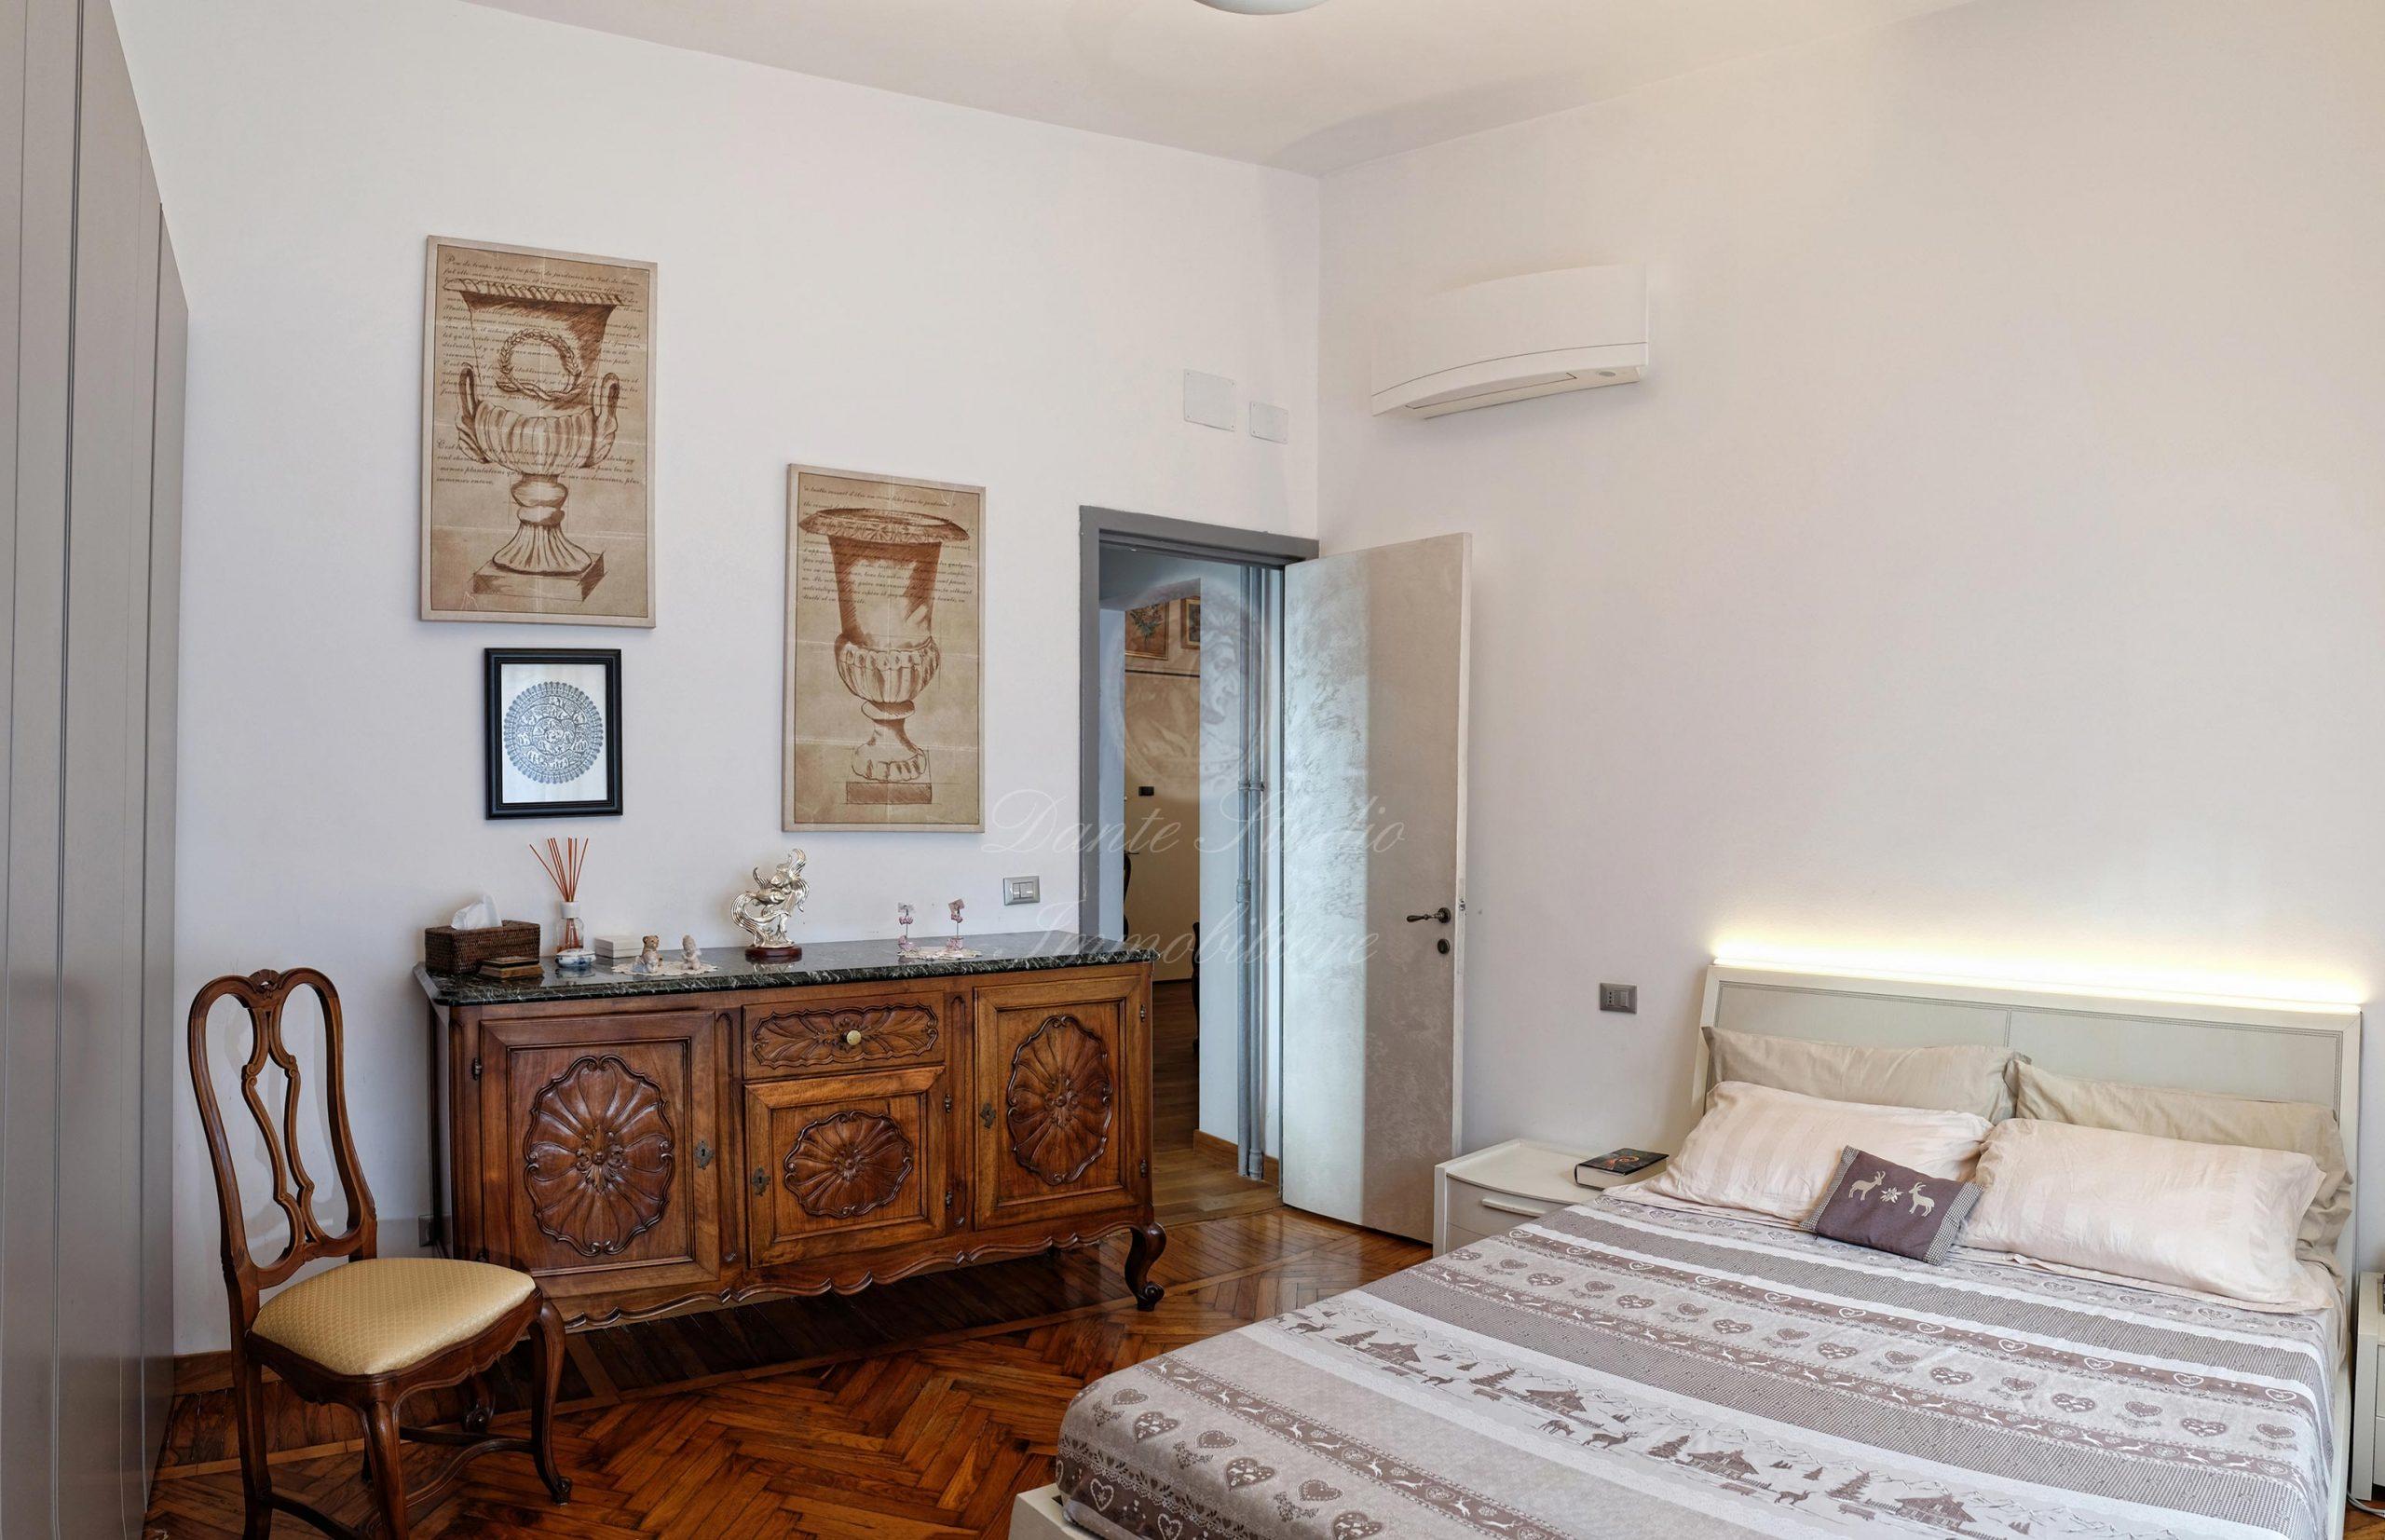 Albaro Via Forte di San Giuliano 100 mq con giardino di 50 mq